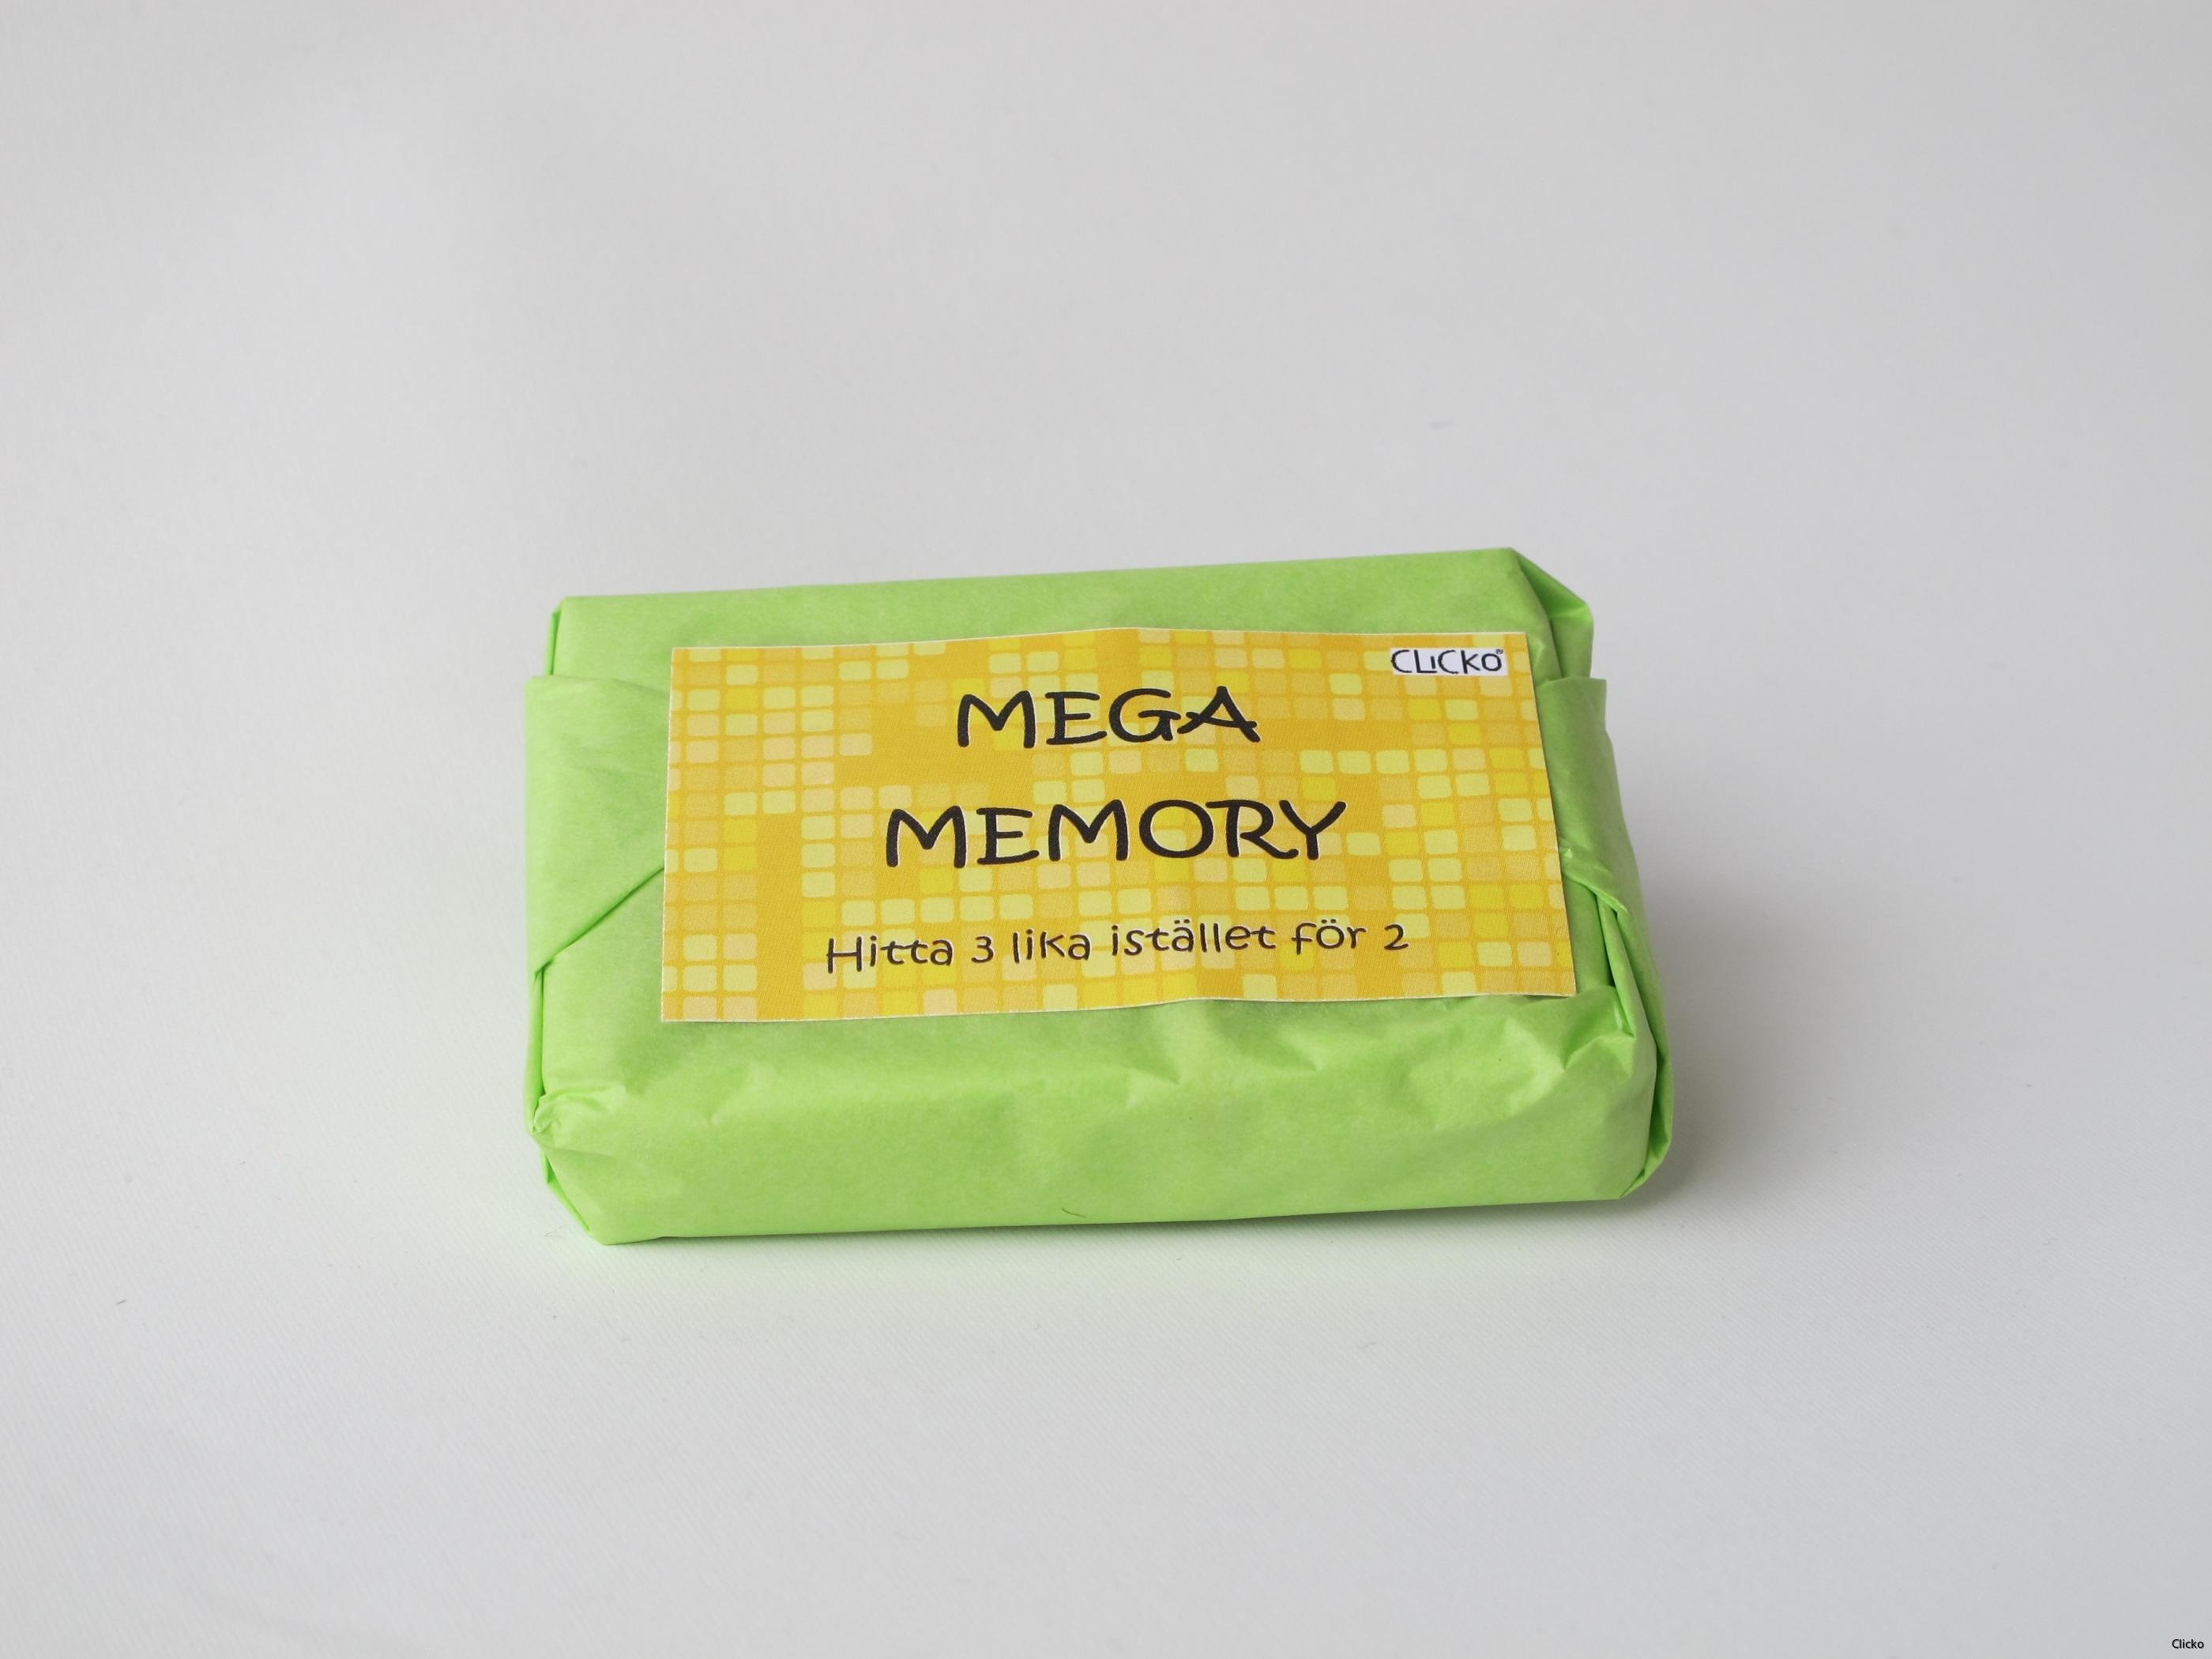 Megamemory förpackning